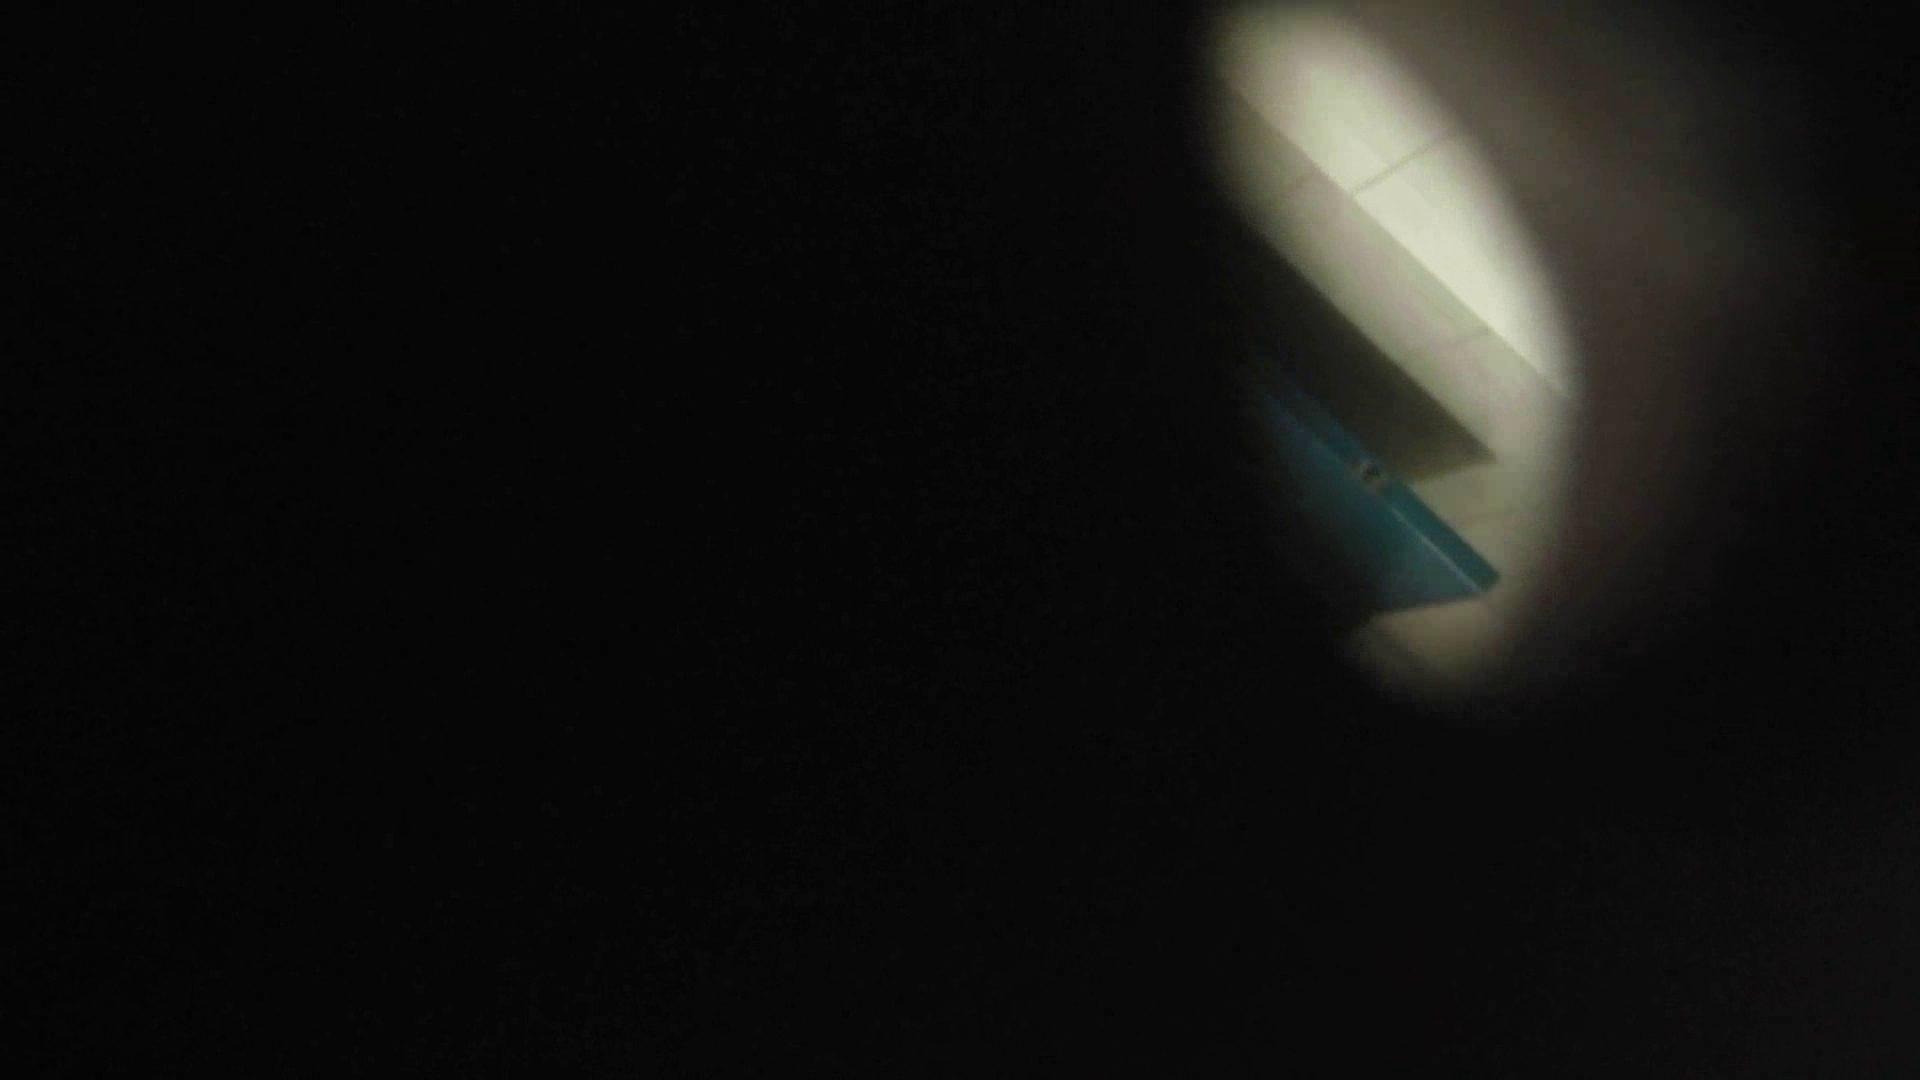 世界の射窓から ステーション編 vol.17厦大女厕偷拍 qianp OLのボディ  105PIX 24